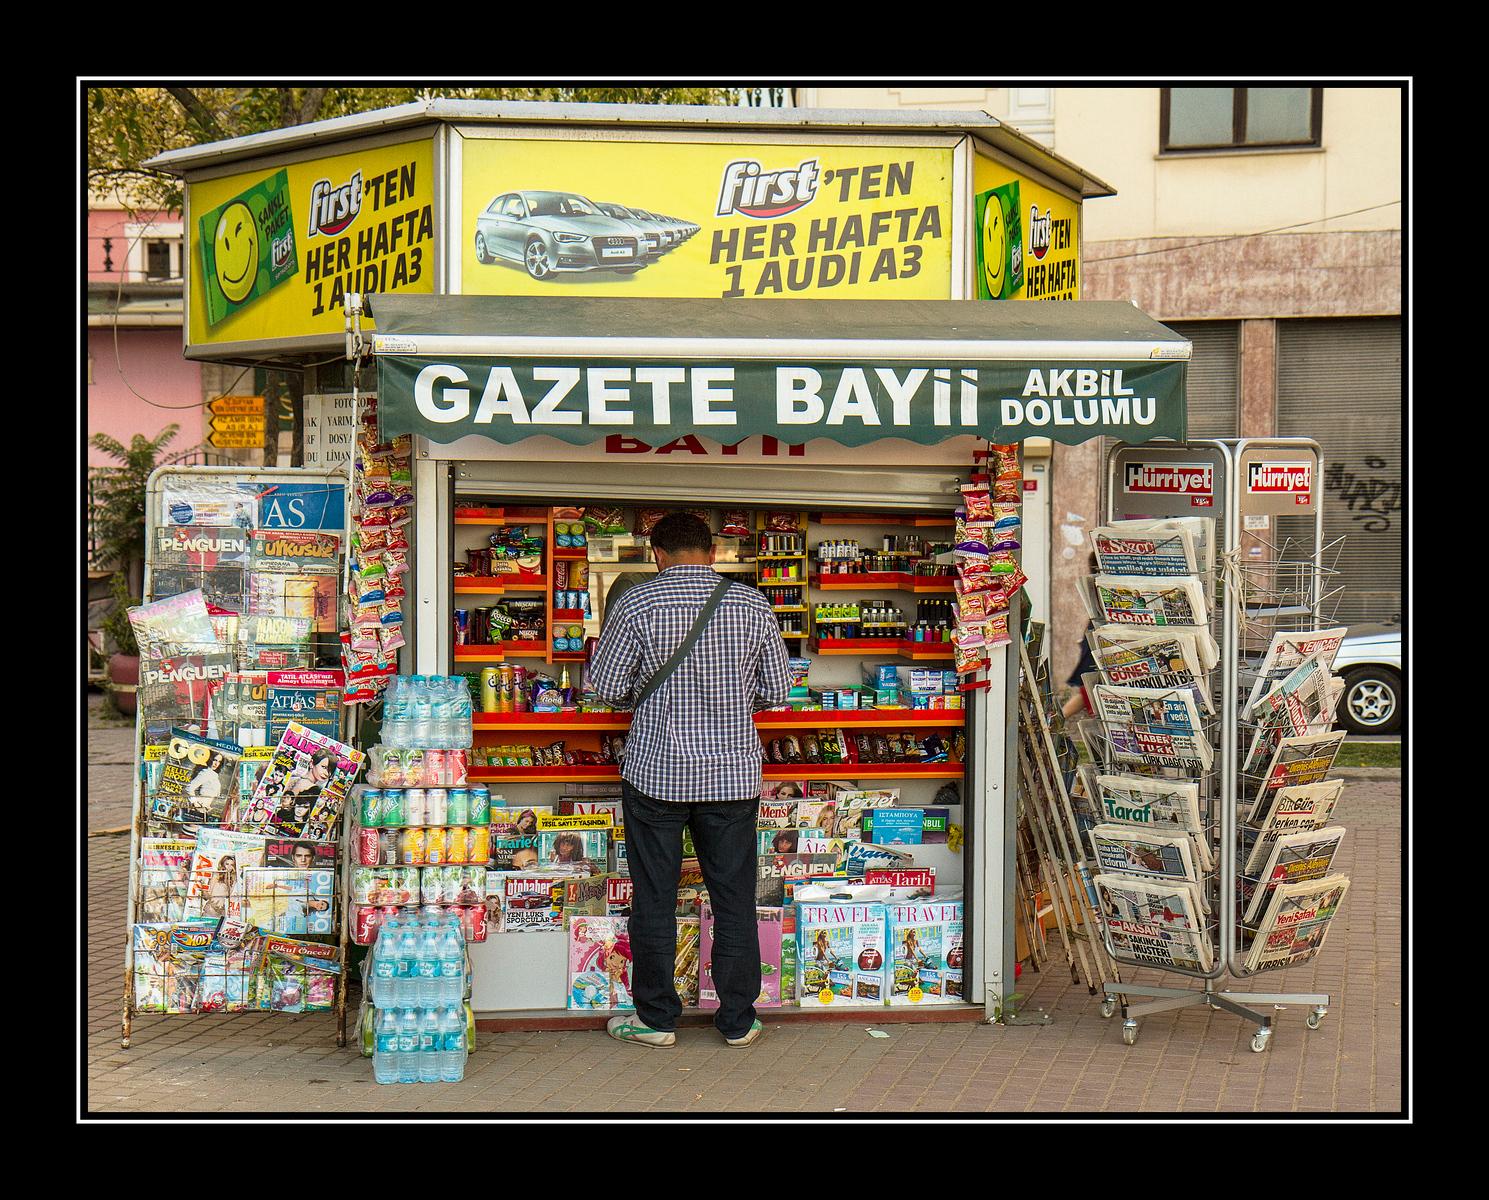 IMAGE: https://photos.smugmug.com/Travel/Istanbul/i-k2JXTKB/0/b50e7c1c/X3/News%20Stand-X3.jpg